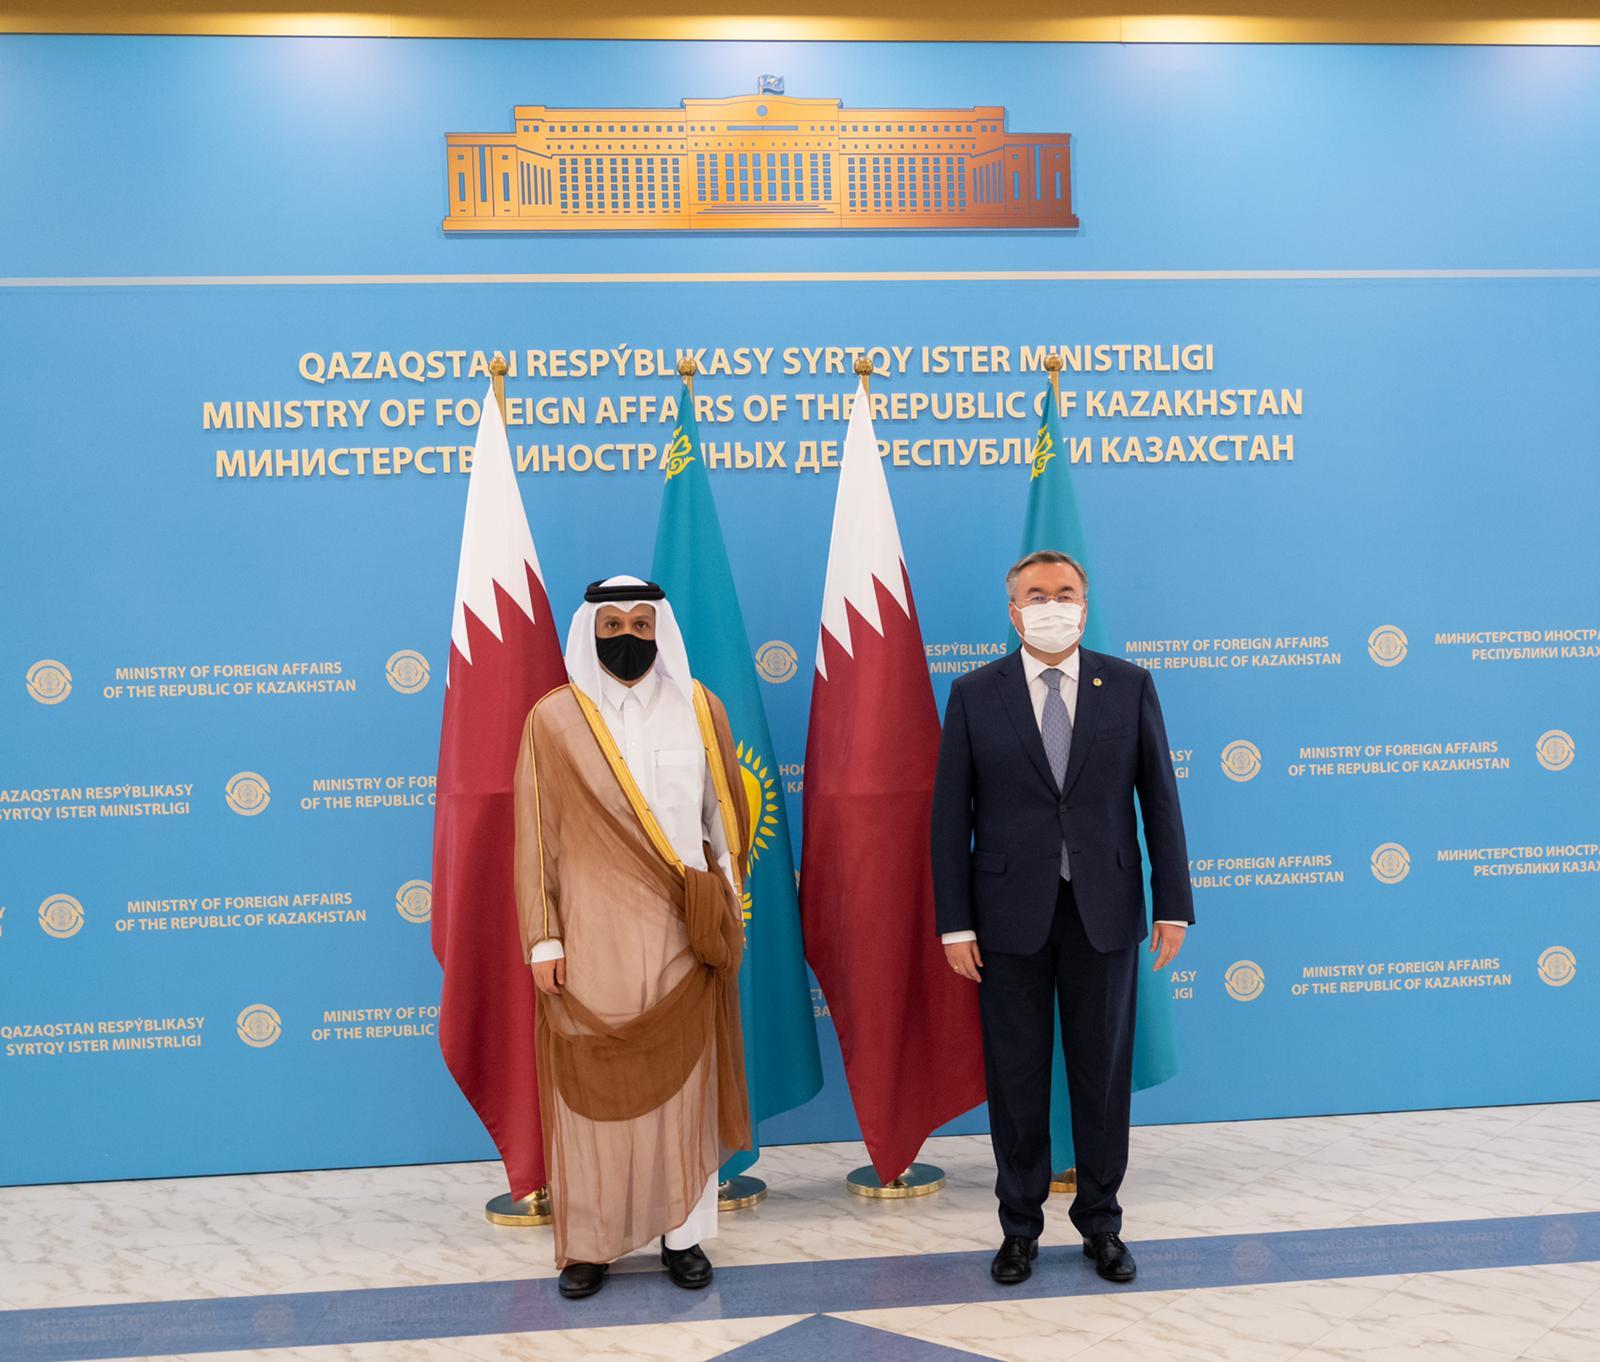 نائب رئيس مجلس الوزراء وزير الخارجية يجتمع مع وزير الخارجية في كازاخستان